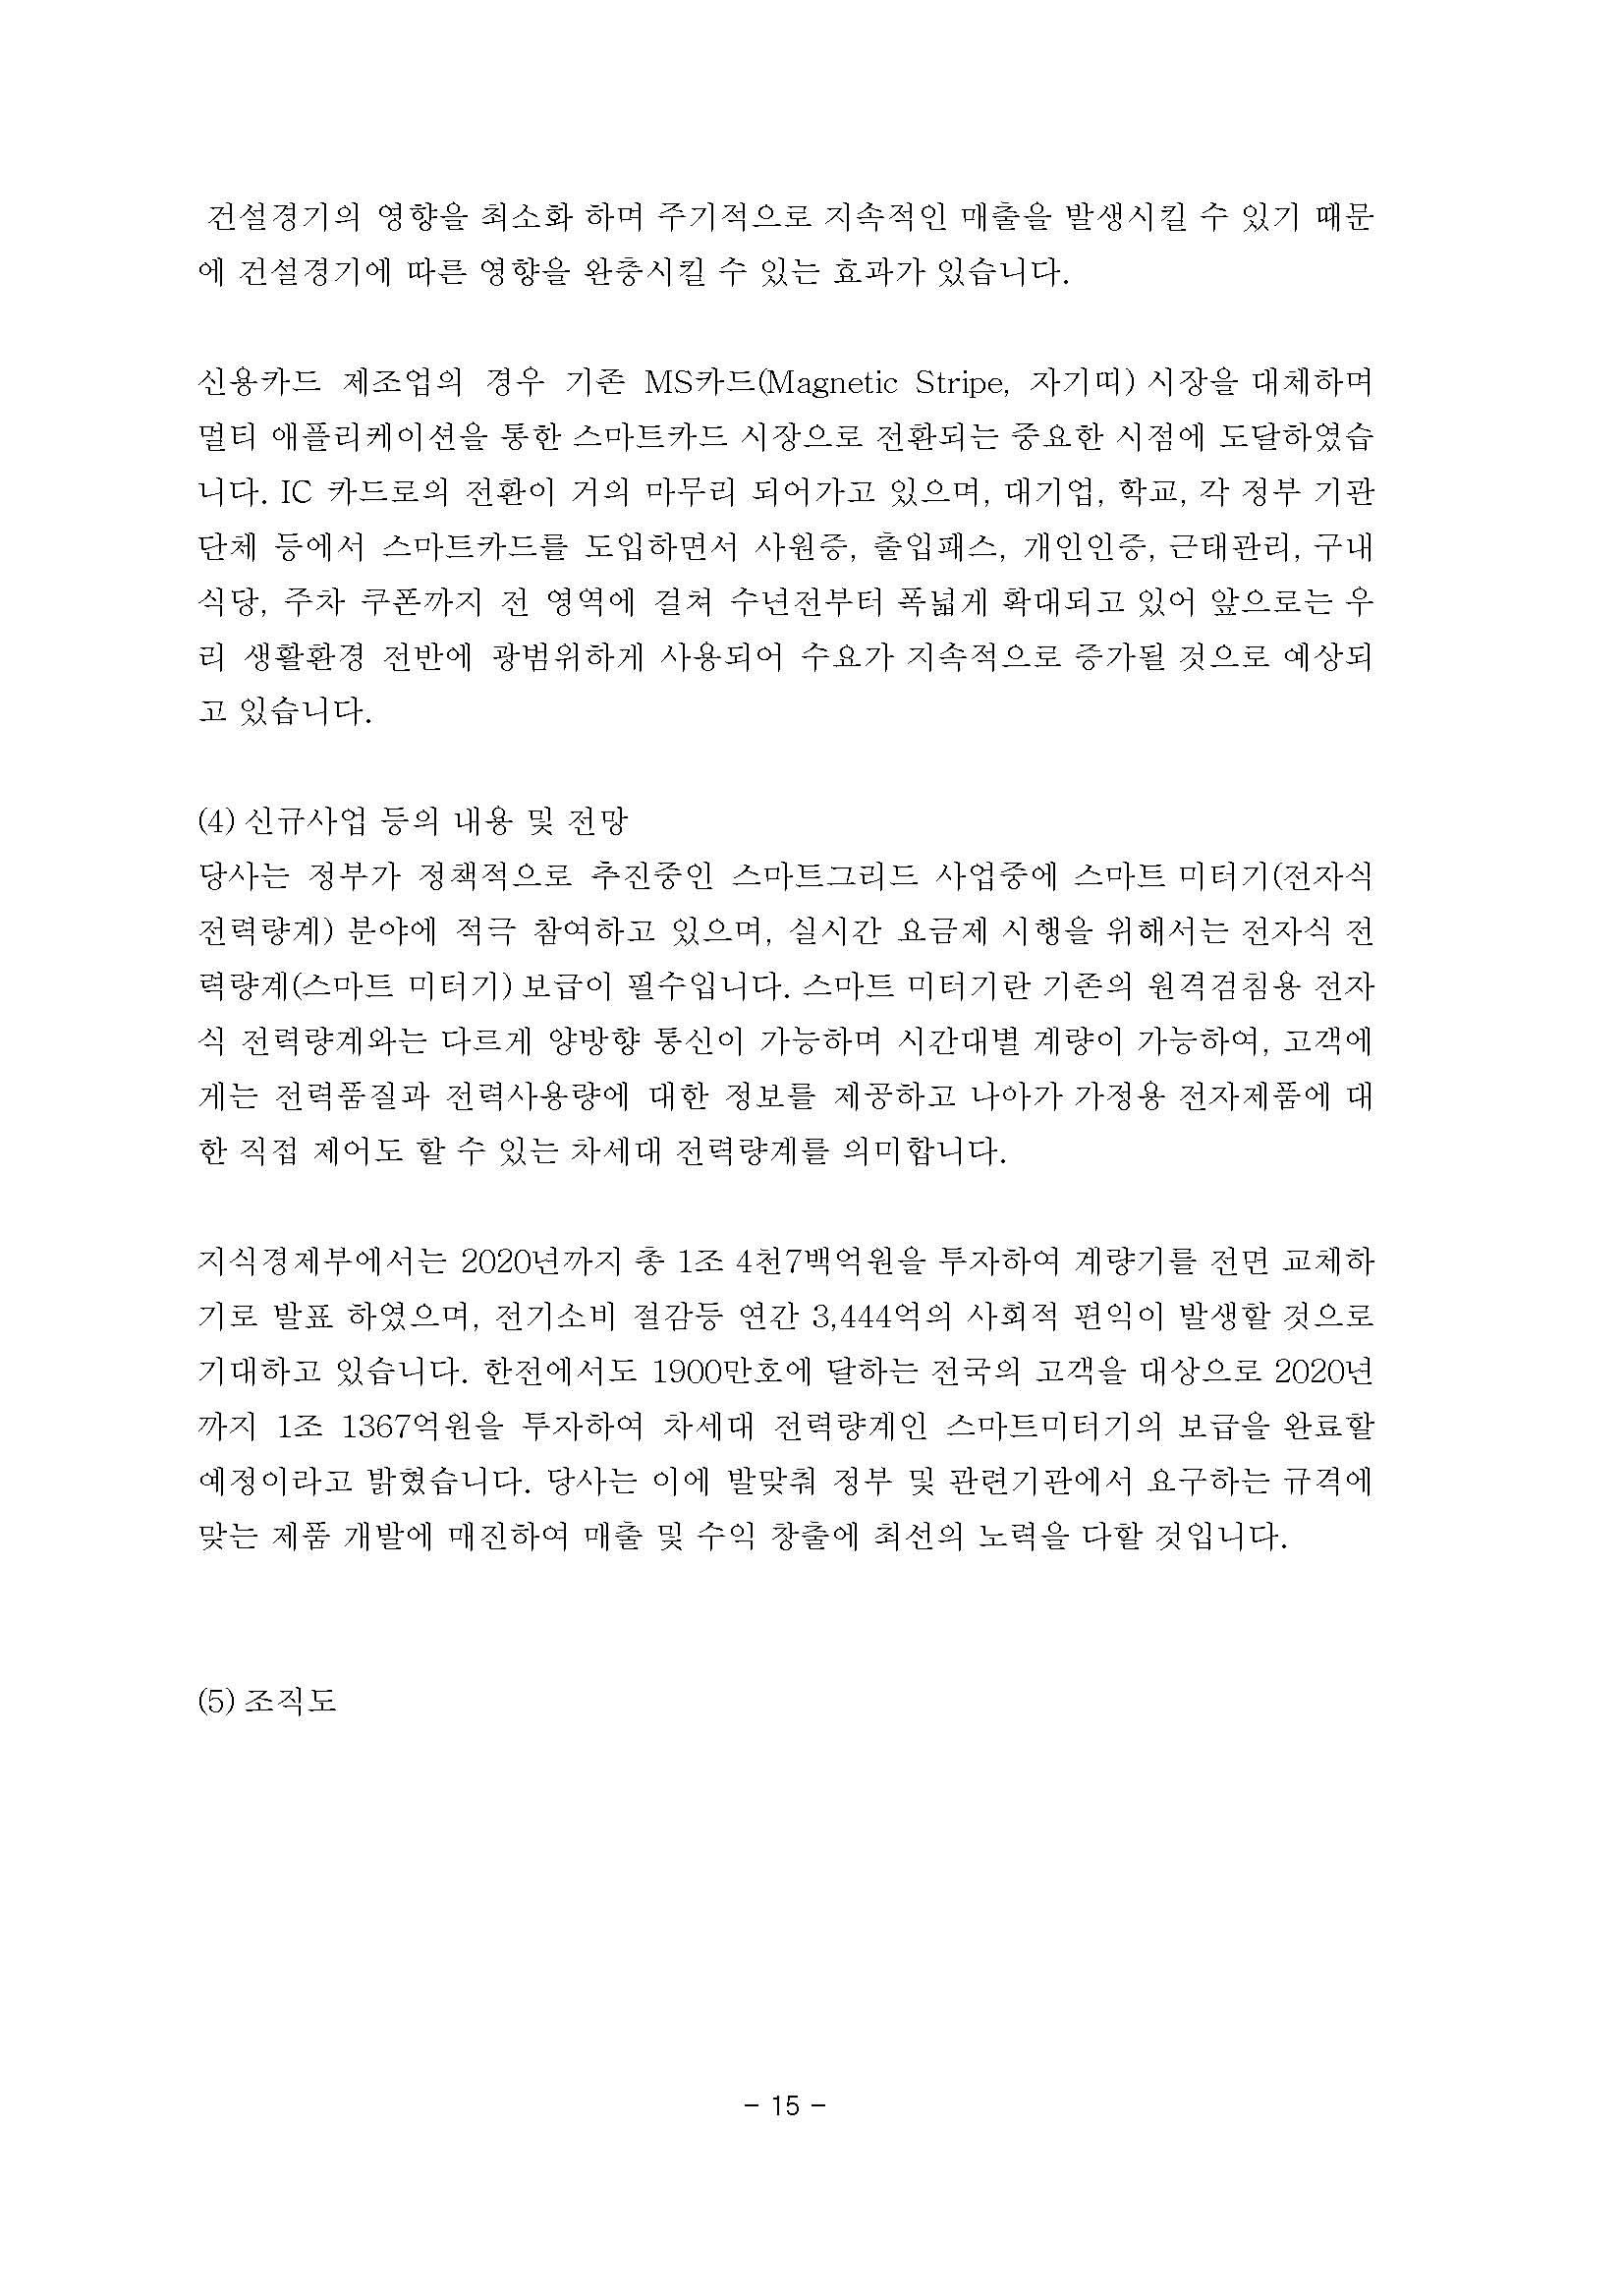 20160311 주주총회 소집공고-옴니시스템_페이지_16.jpg